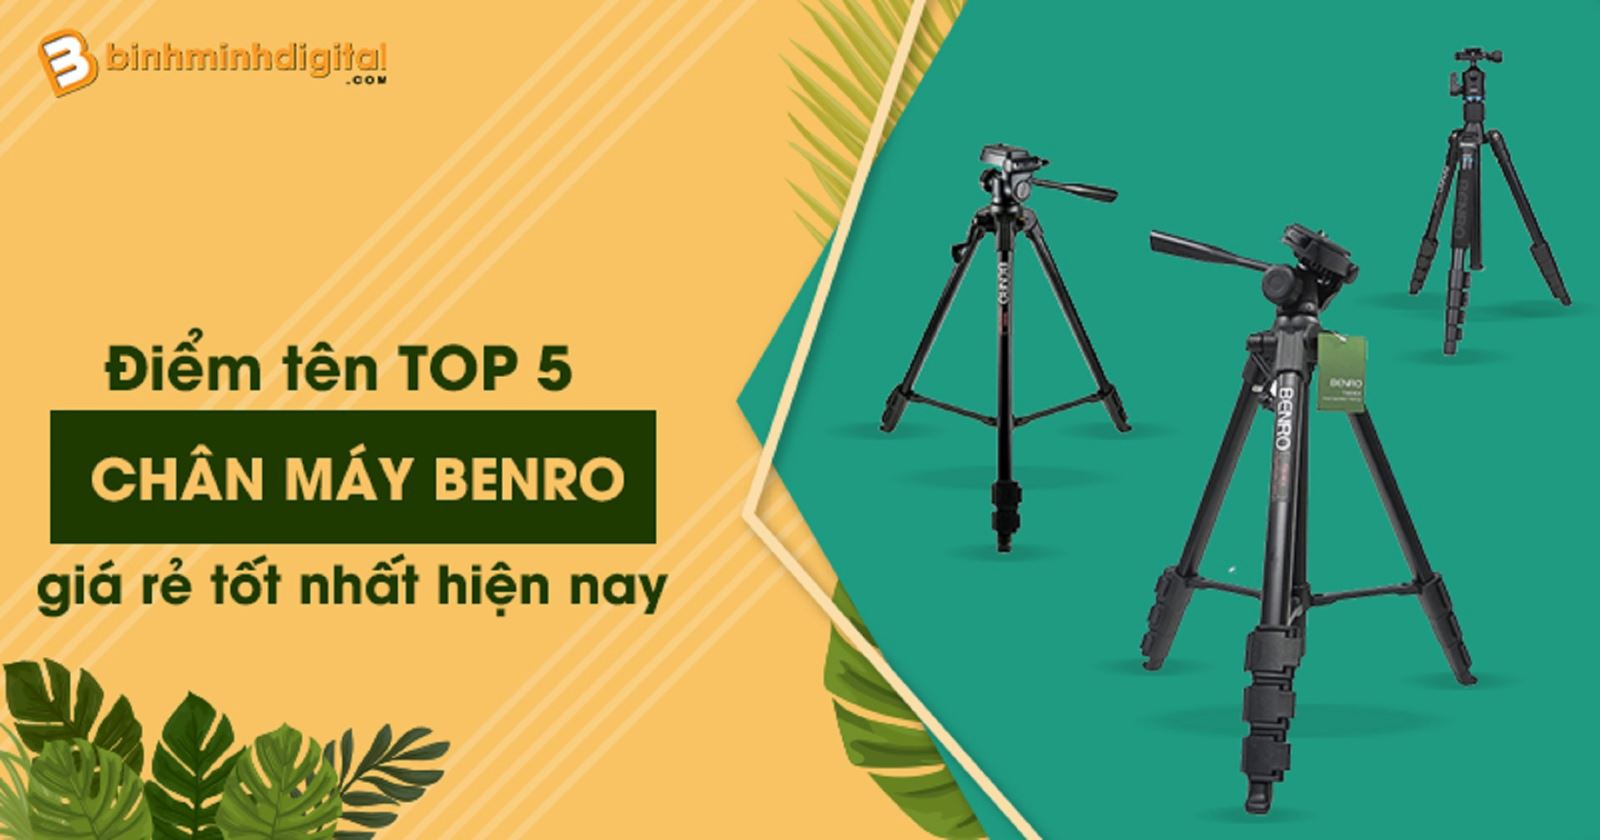 Điểm tên top5 chân máy Benro giá rẻ tốt nhất hiện nay